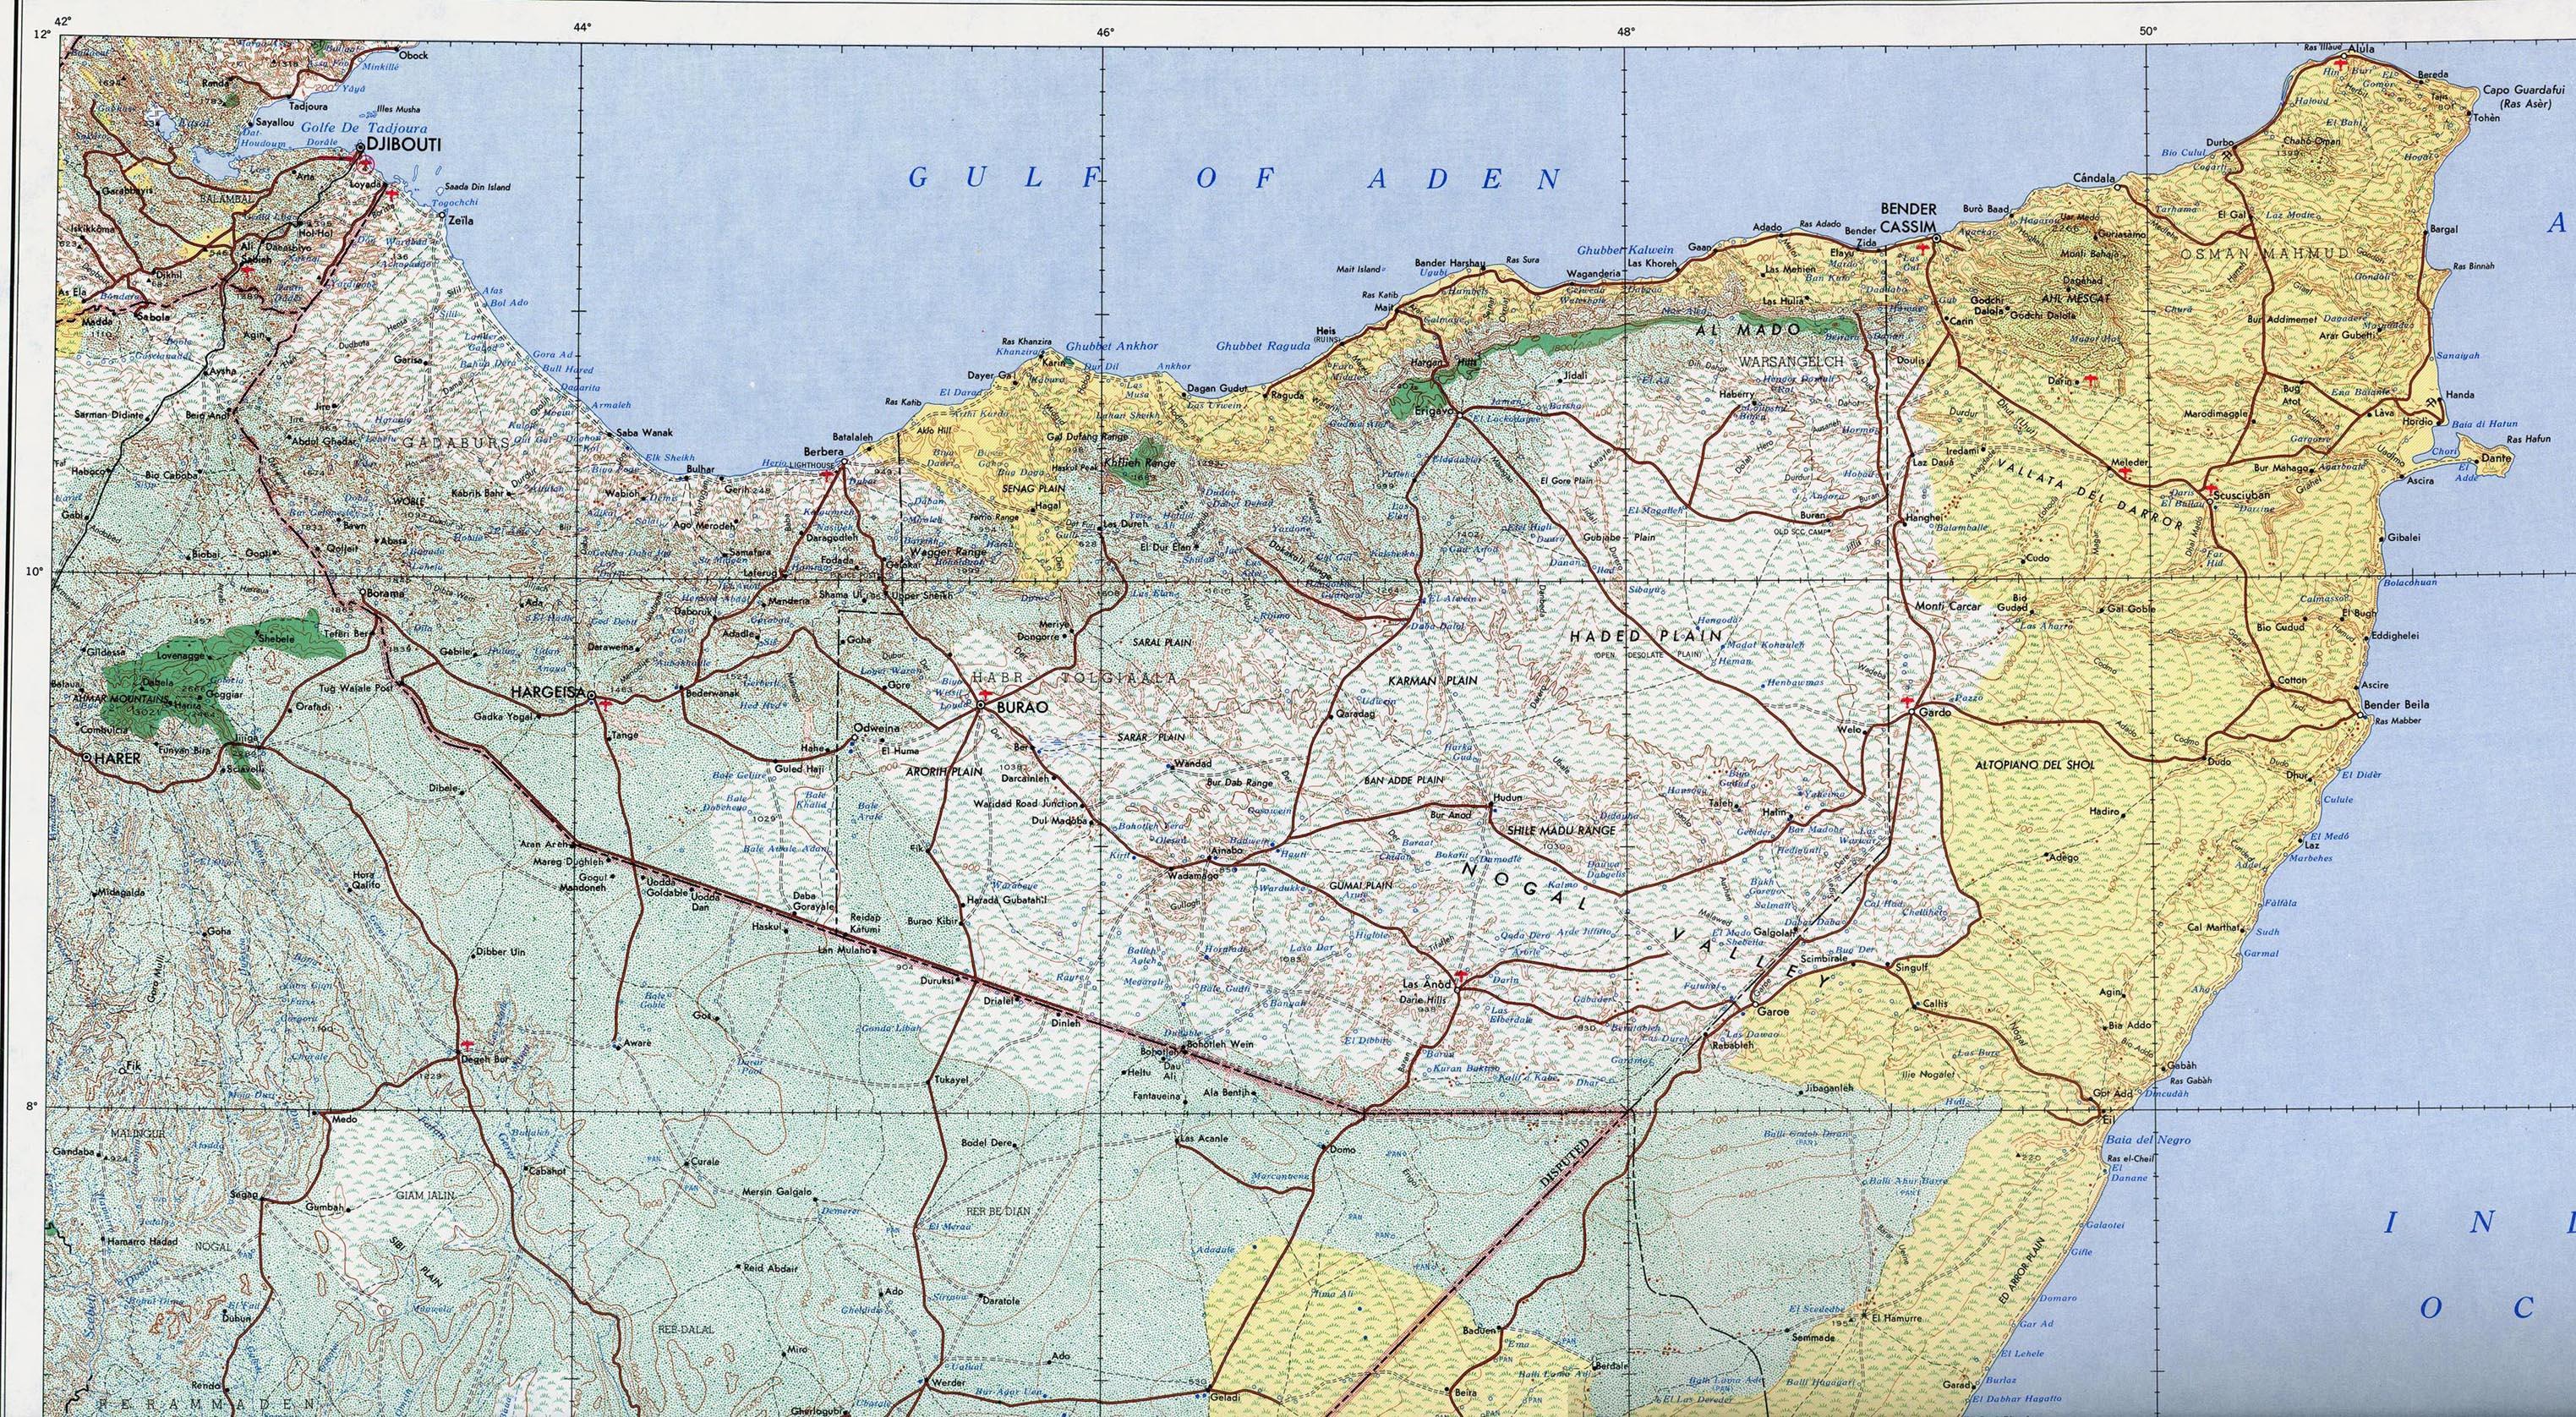 Free Djibouti Maps - Djibouti map